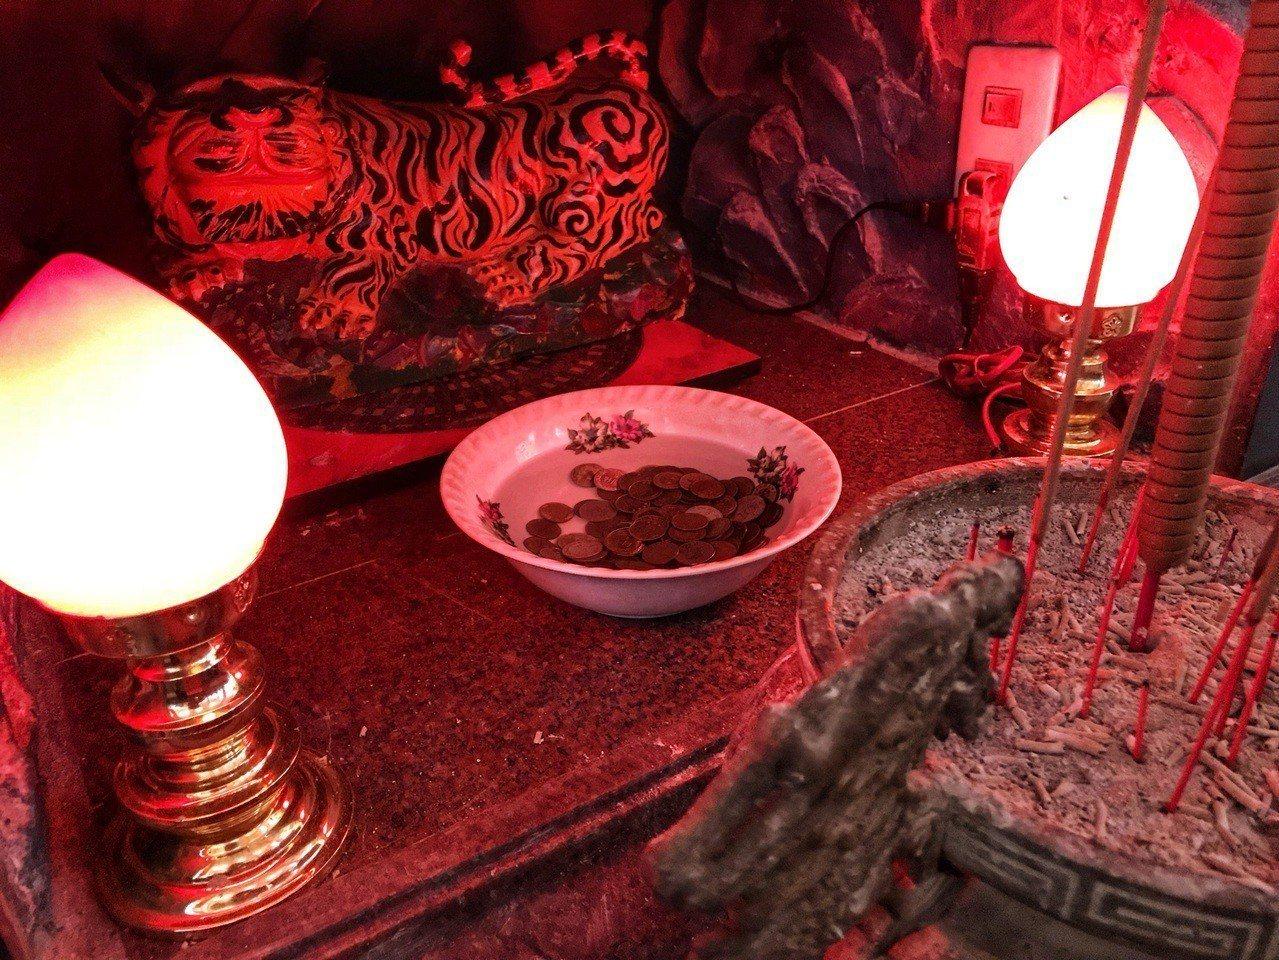 虎爺前的香油錢放在裝水碗公內。圖/北海岸全民聯盟公社郭世賢提供